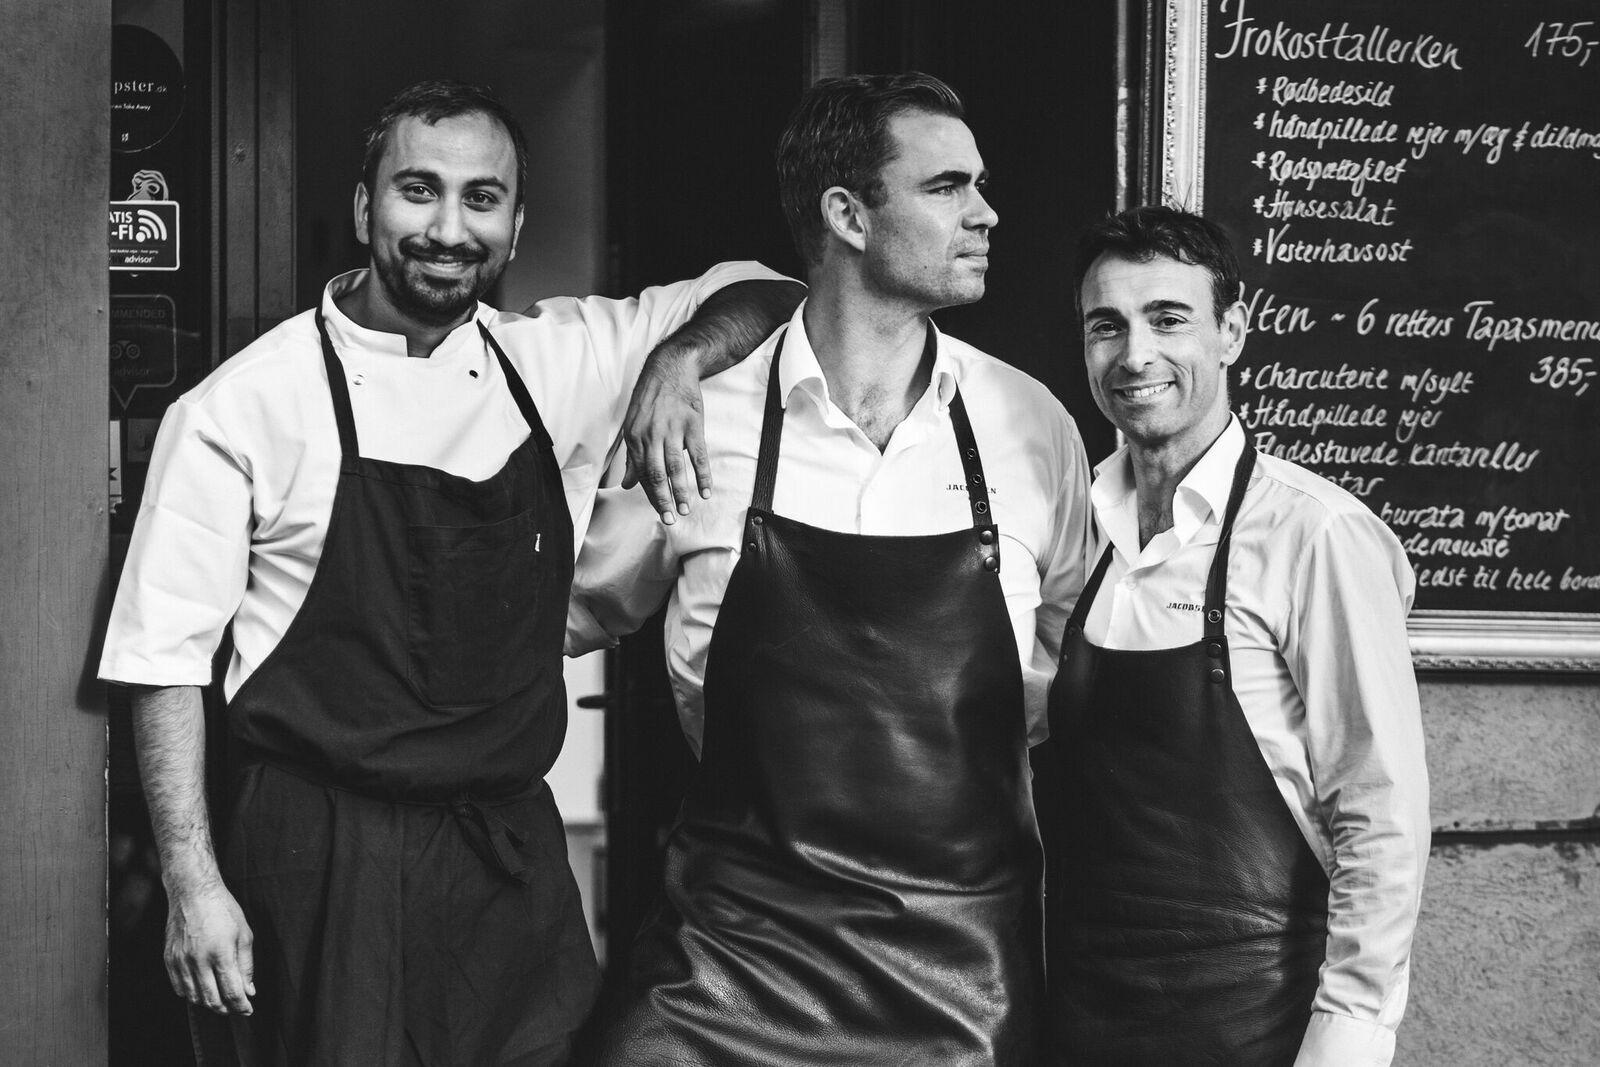 italienske restaurant Falkoner Alle frderiksberg